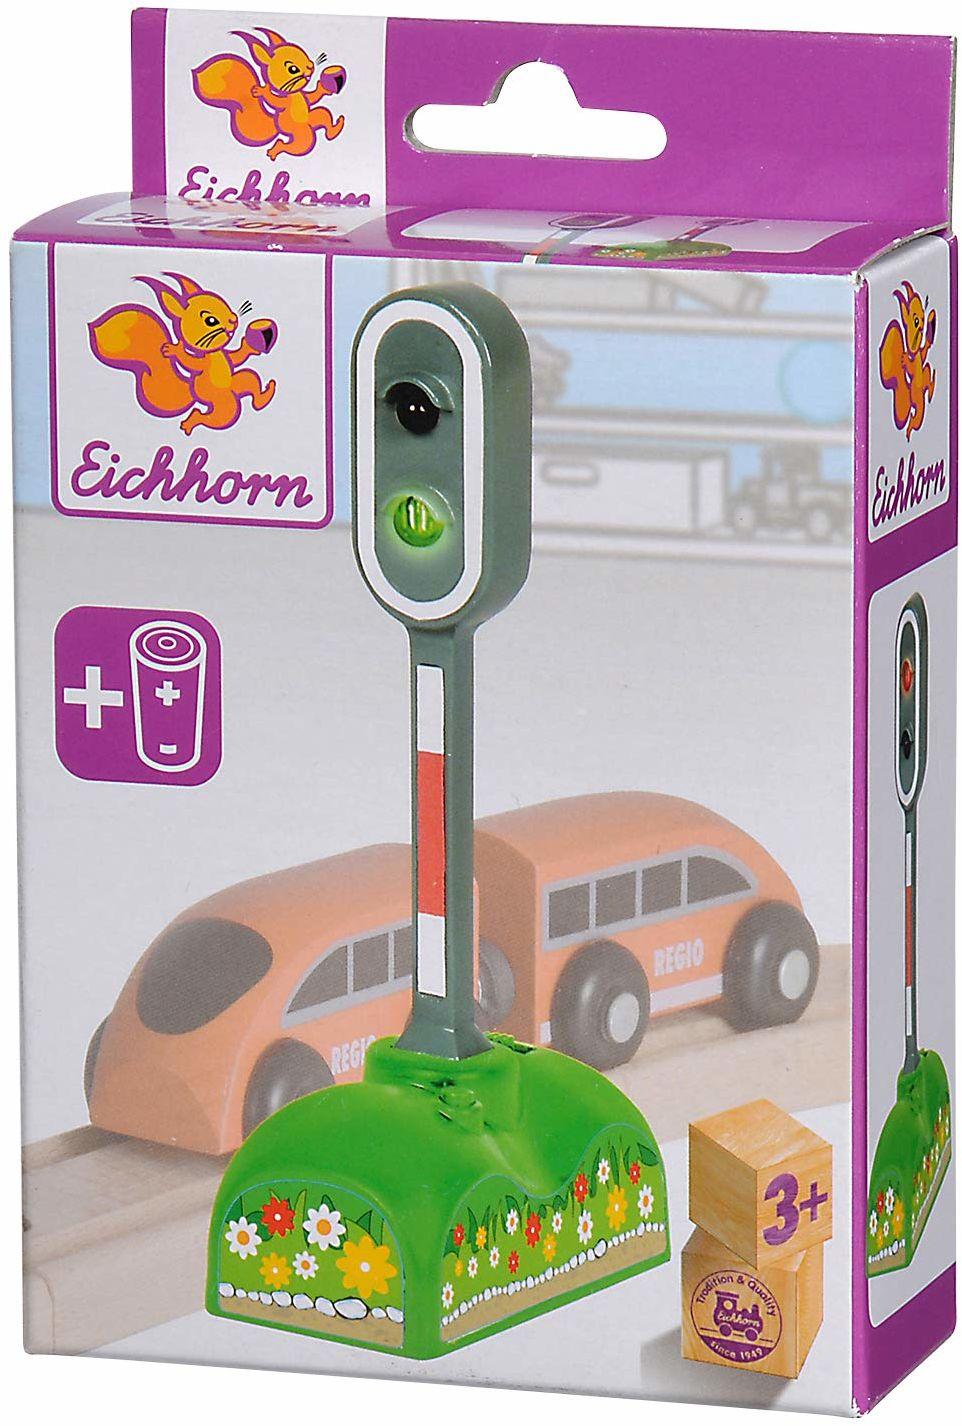 Eichhorn 100001520 - elektroltyczny sygnał świetlny, czerwone i zielone światło LED, ręczna/automatyczna funkcja światła, w zestawie baterie, 6,5 x 3 x 12,5 cm